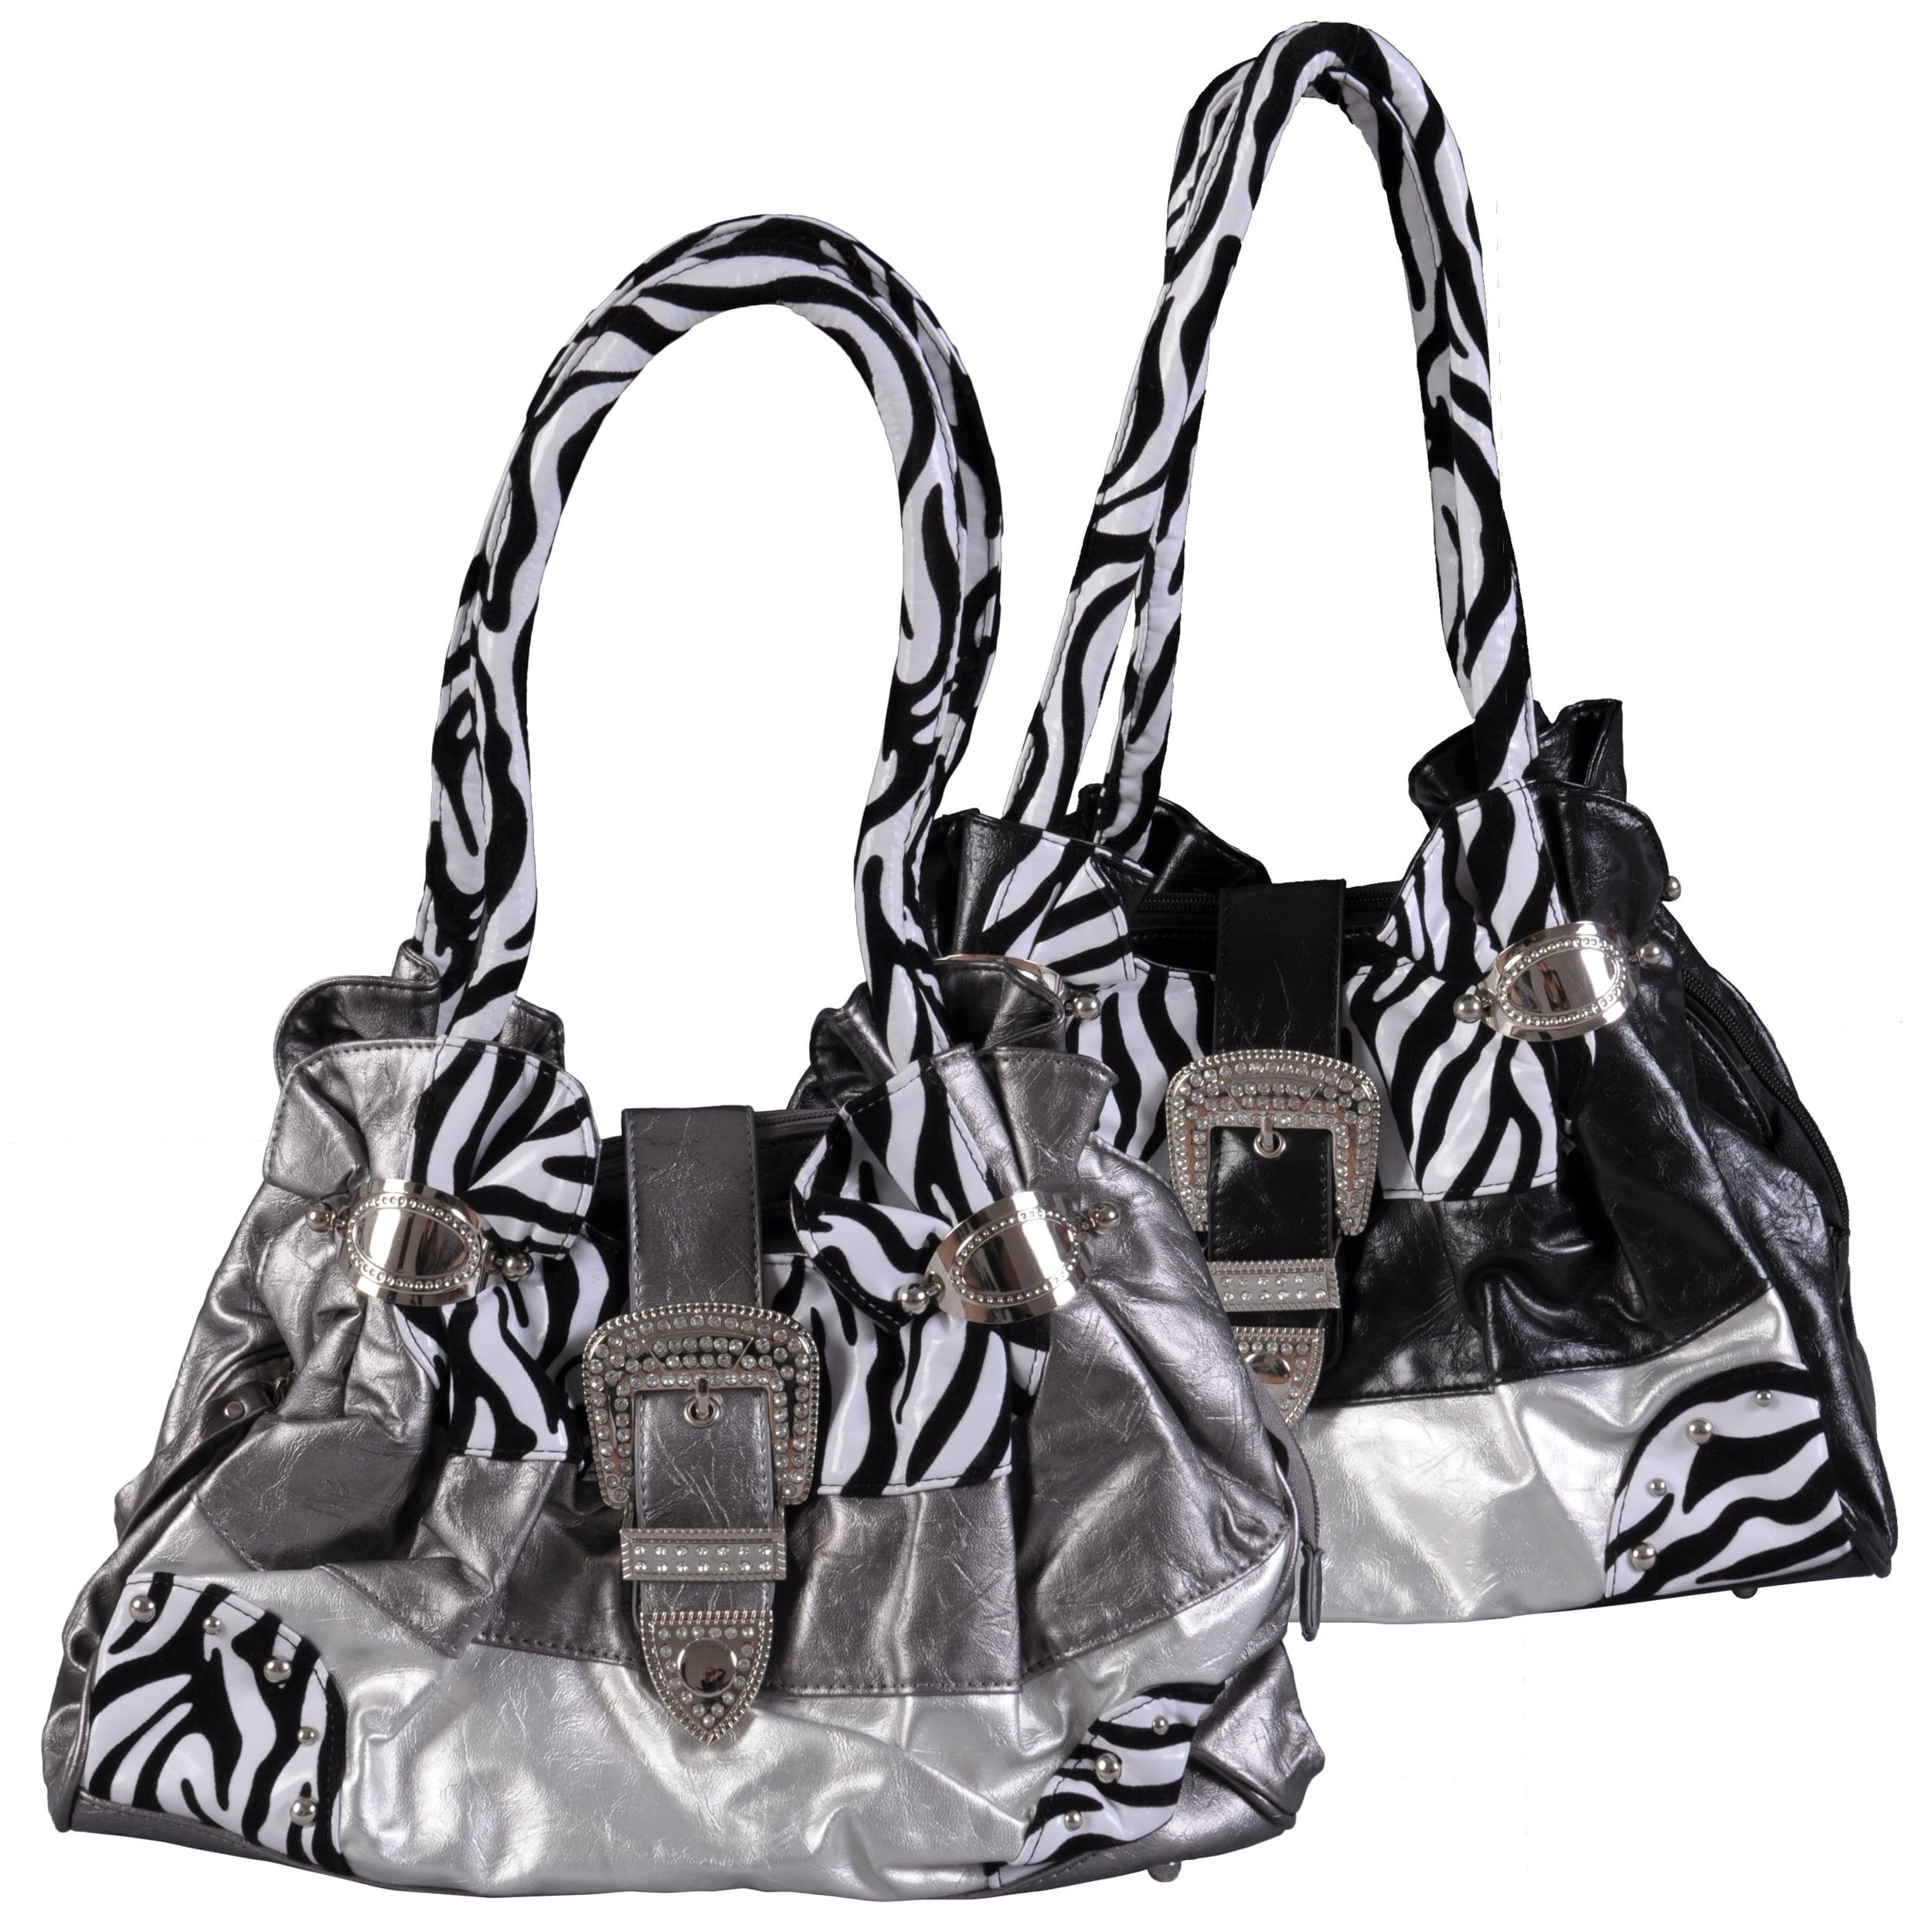 Adi Designs Women's Buckle Detail Double Handel Zebra Print Satchel